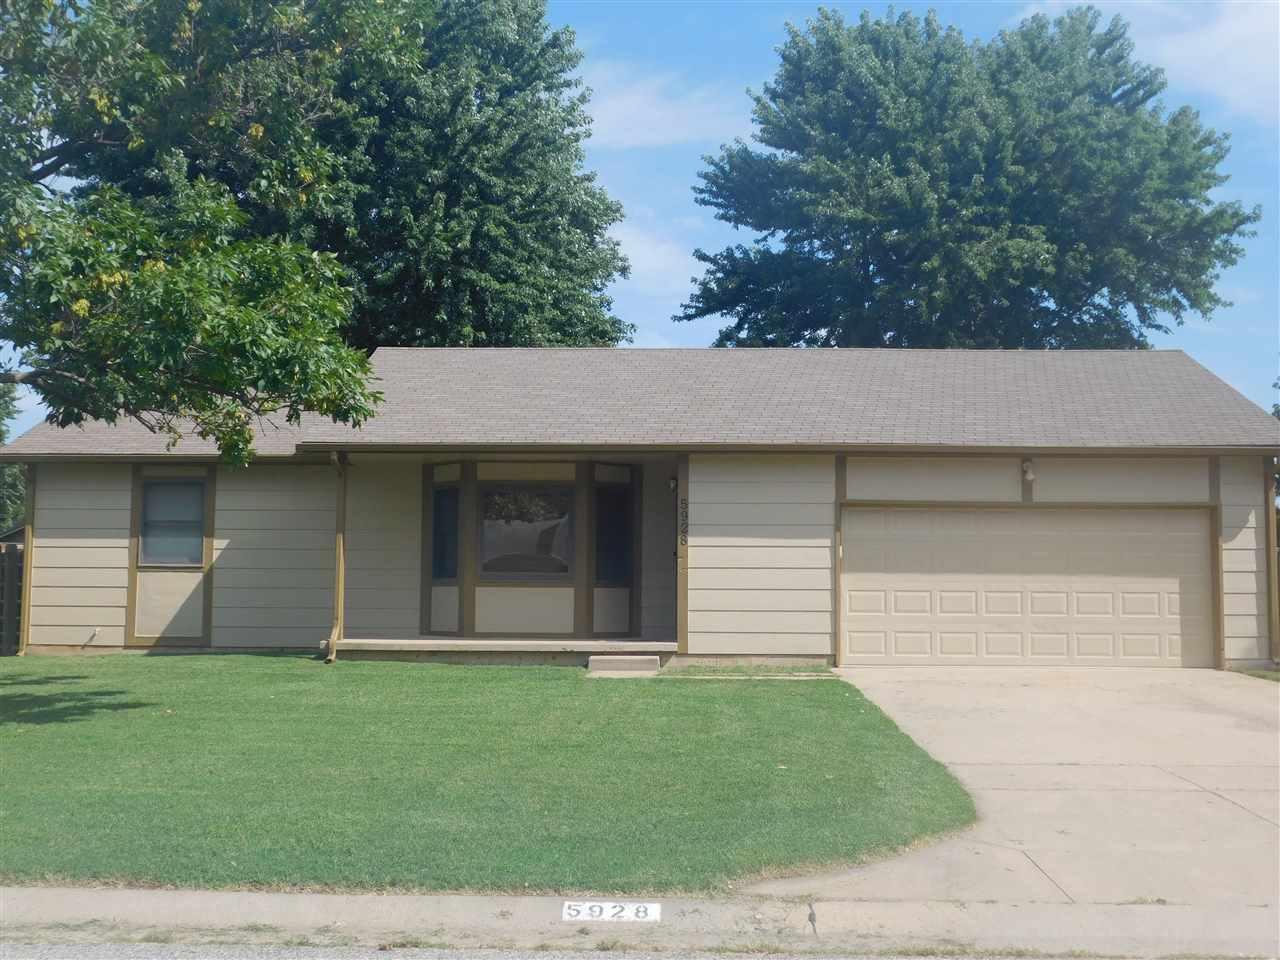 5928 W York St., Wichita, KS 67215